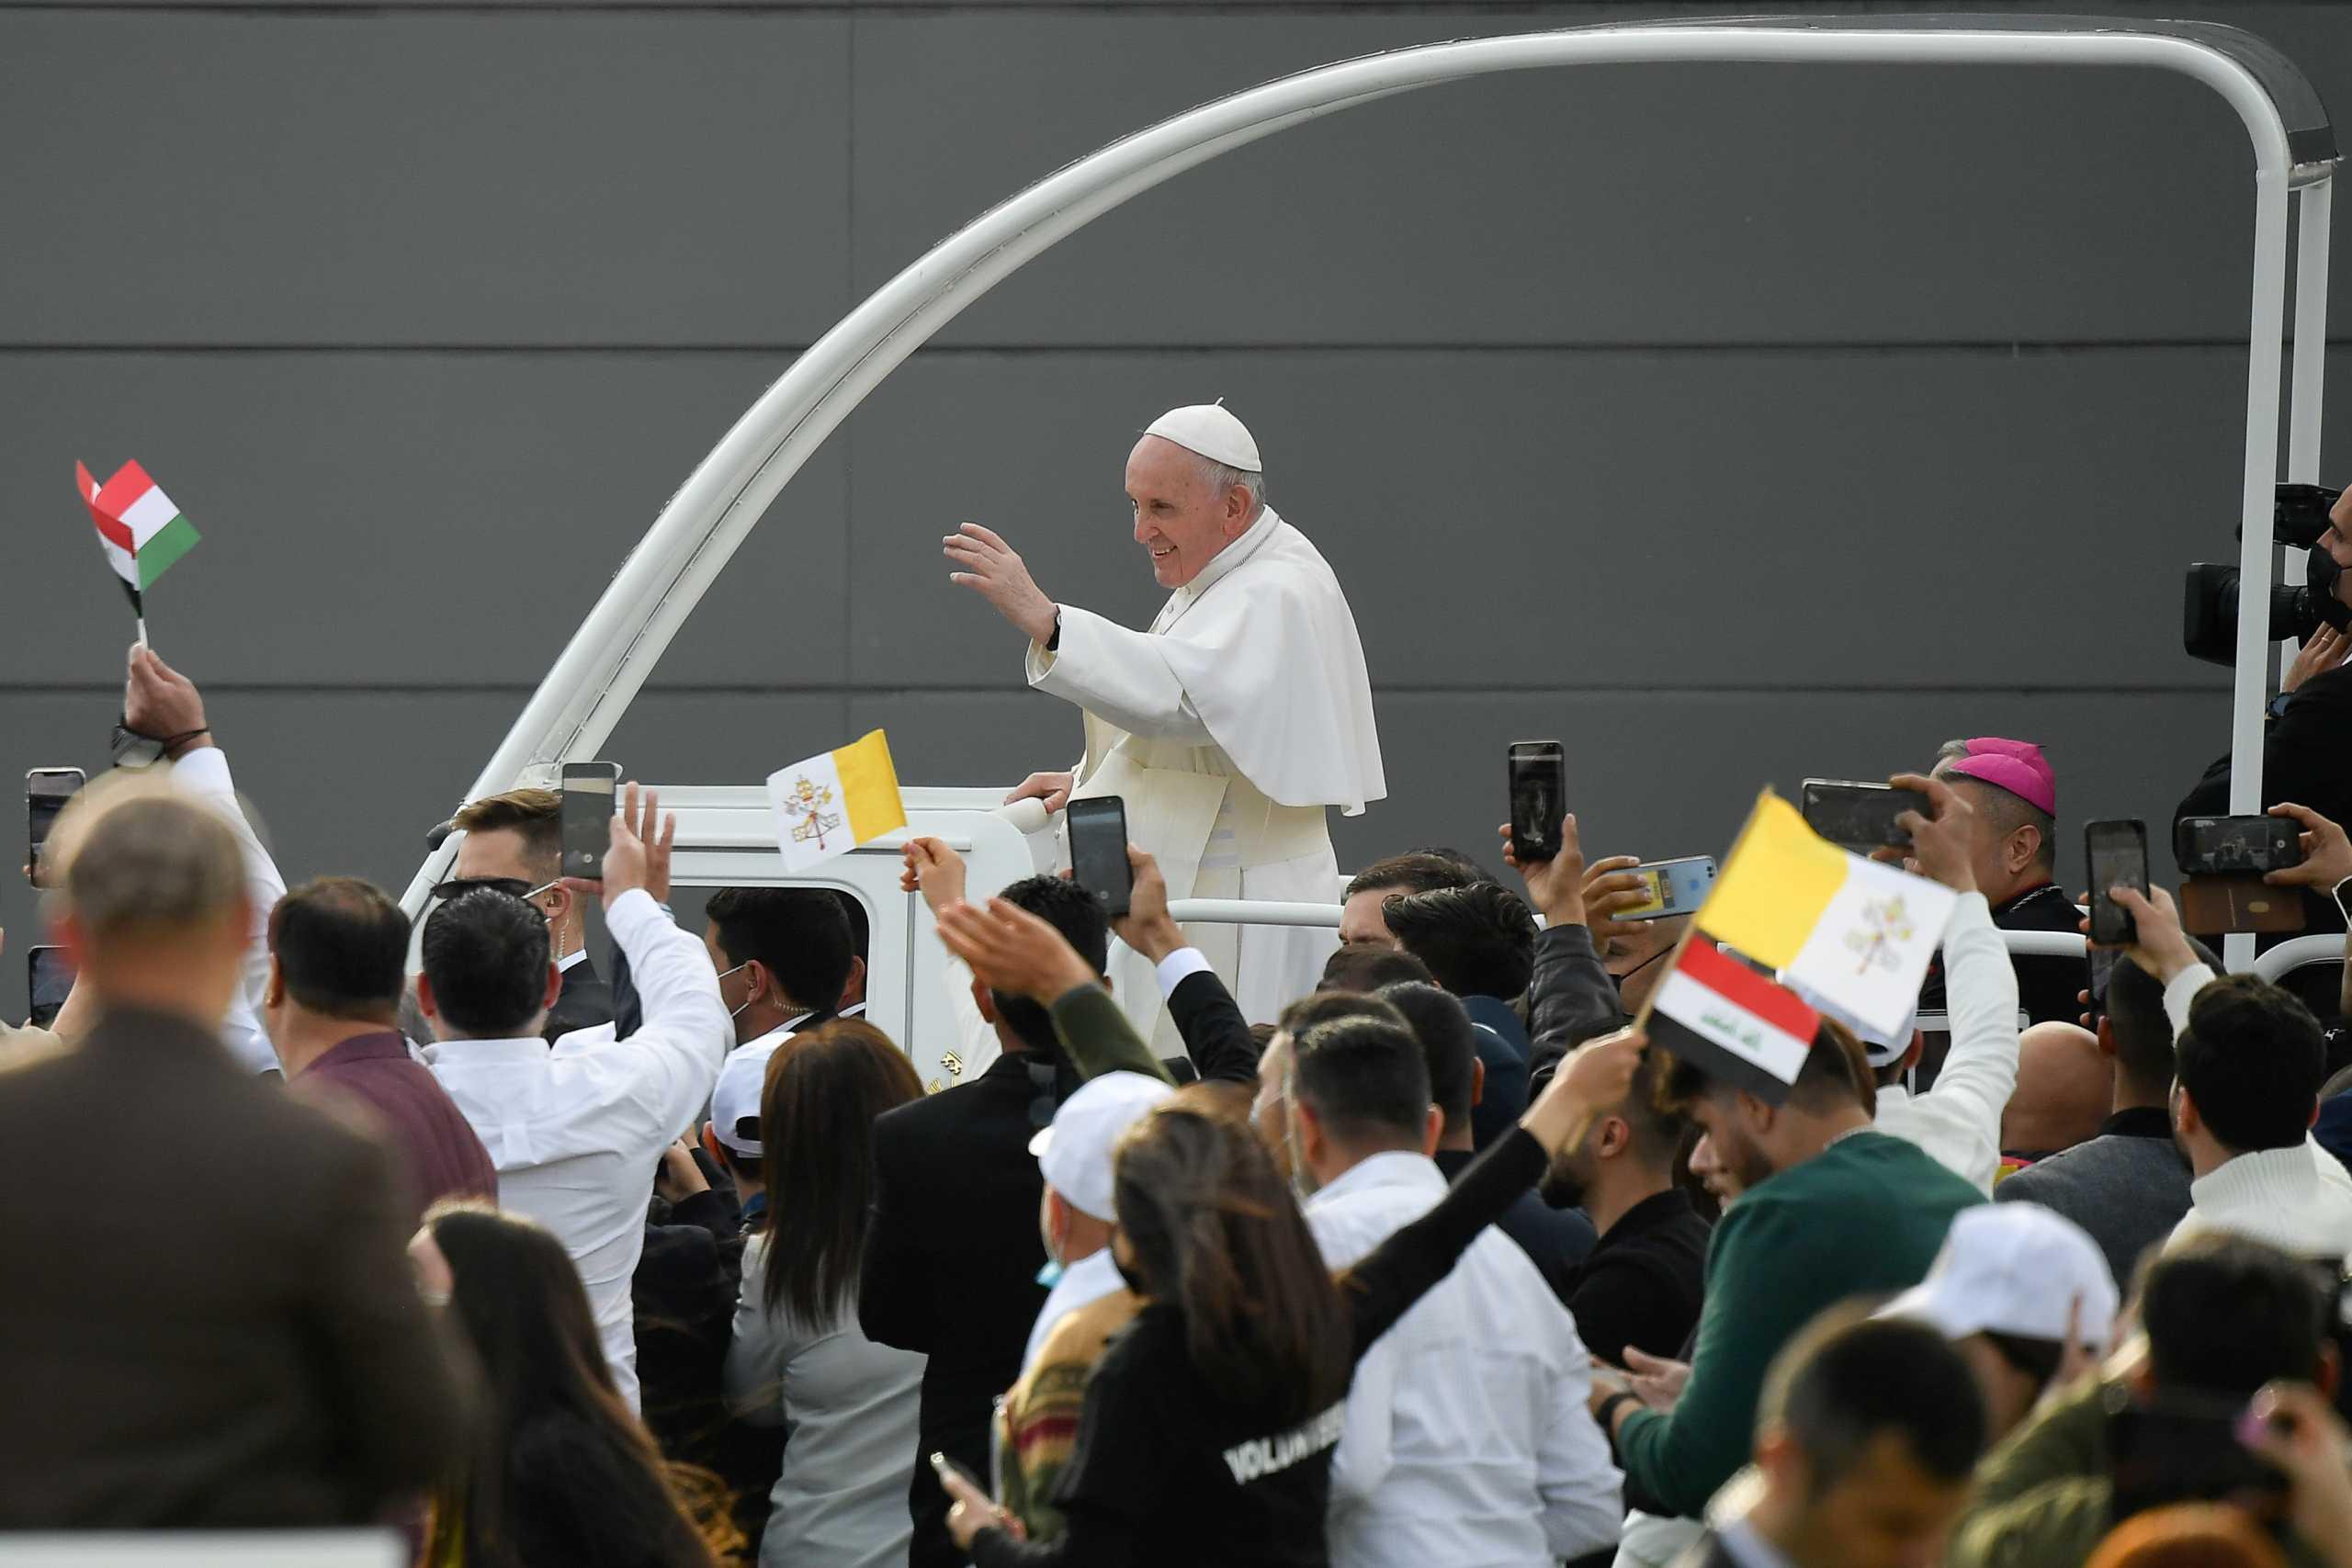 Κορονοϊός: Ρεκόρ κρουσμάτων στο Ιράκ μετά την επίσκεψη του Πάπα Φραγκίσκου